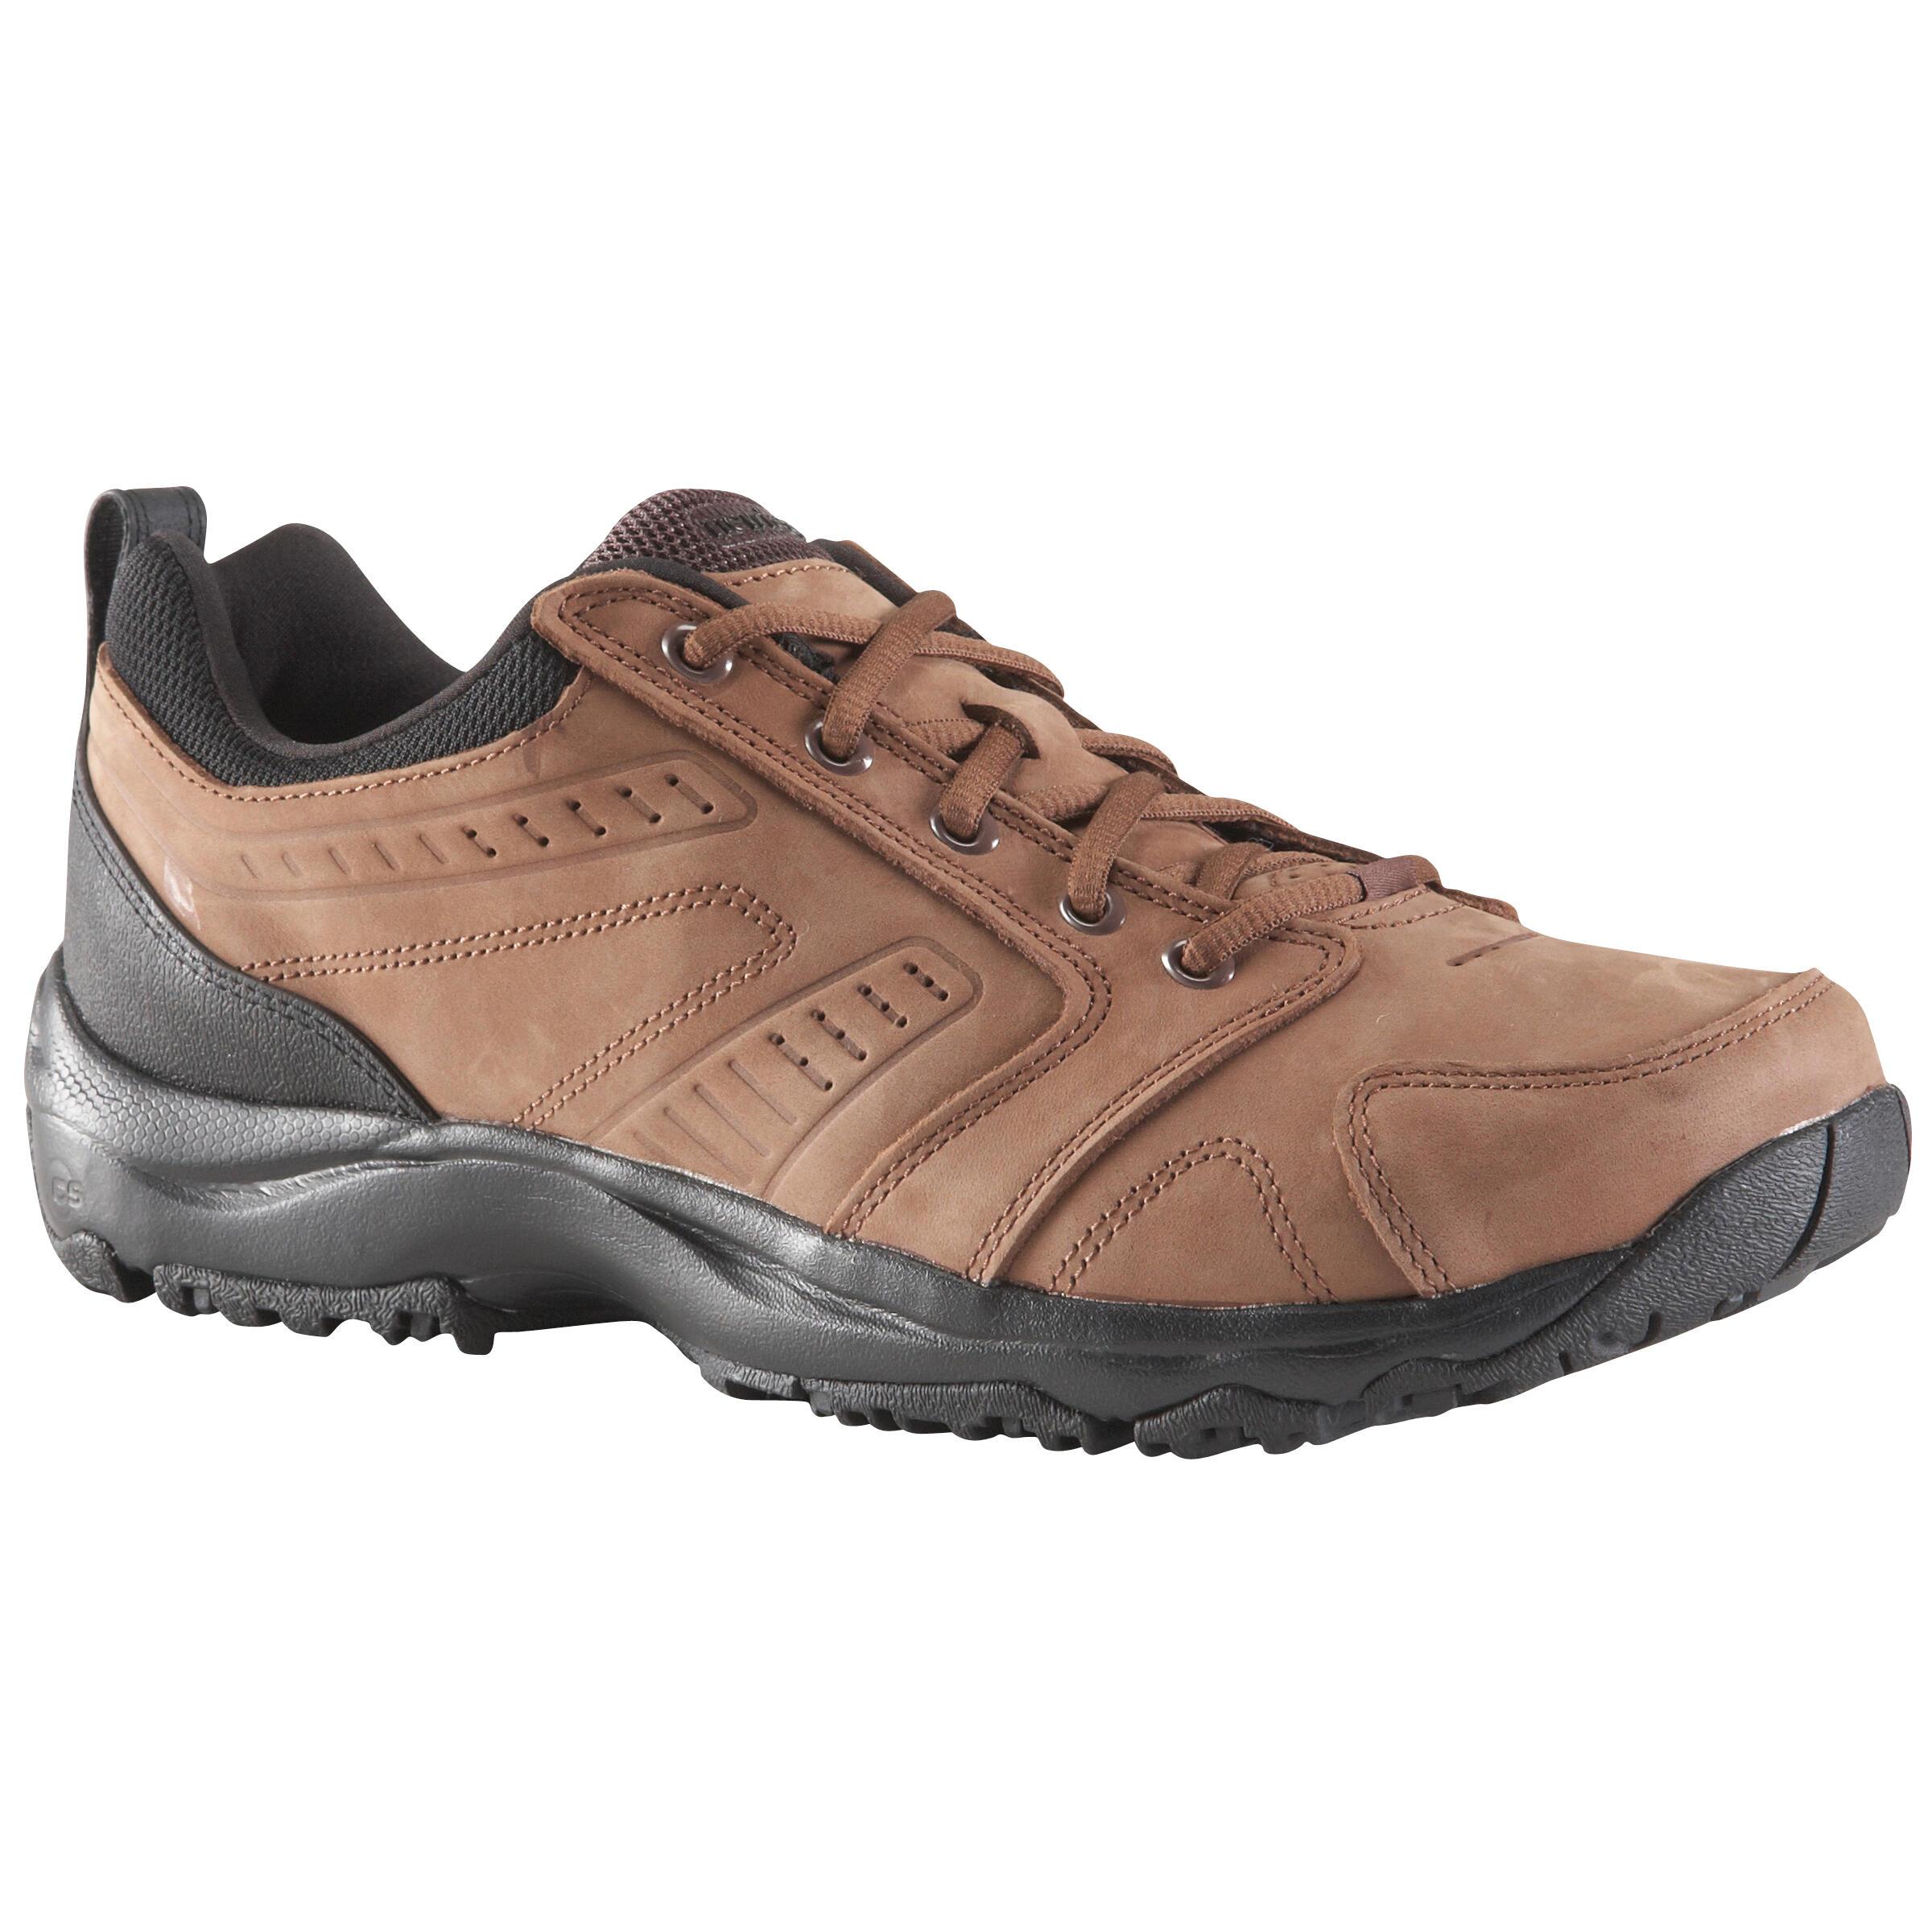 NEWFEEL Chaussures marche active homme Nakuru Confort cuir marron - NEWFEEL - 39